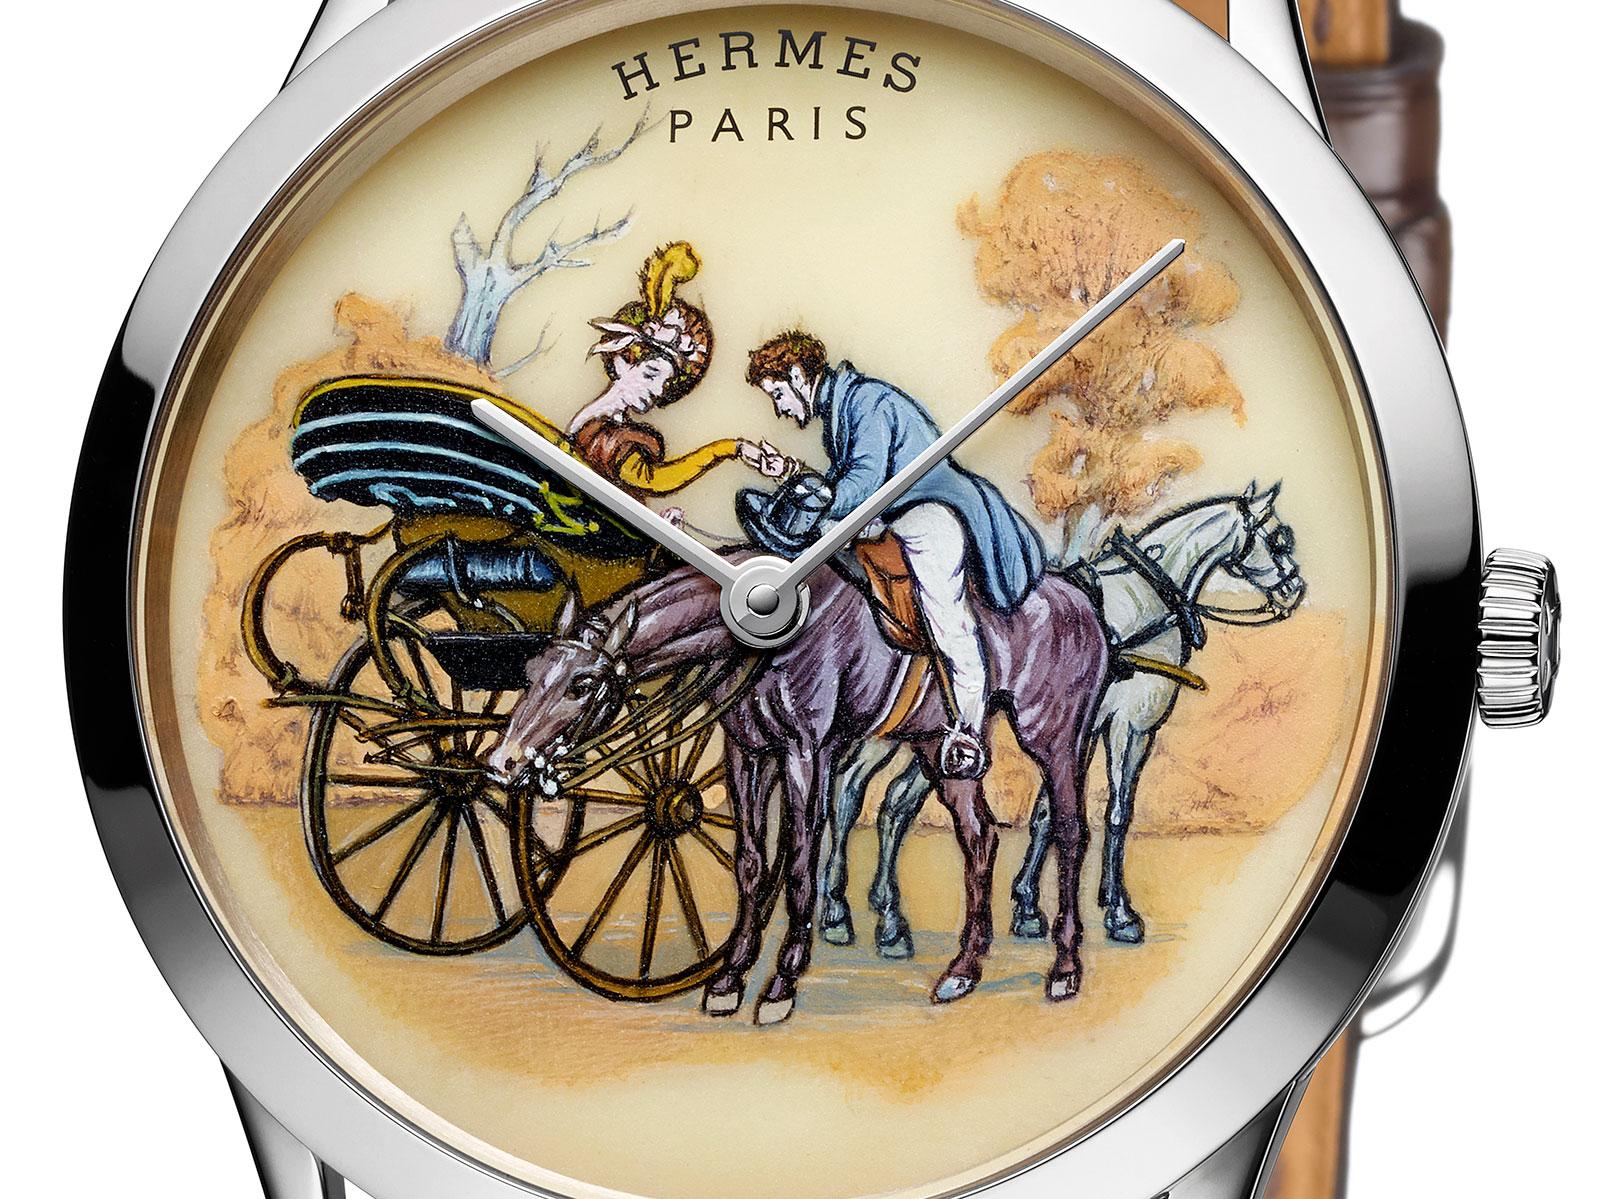 Hermes Slim-Promenade-Longchamps